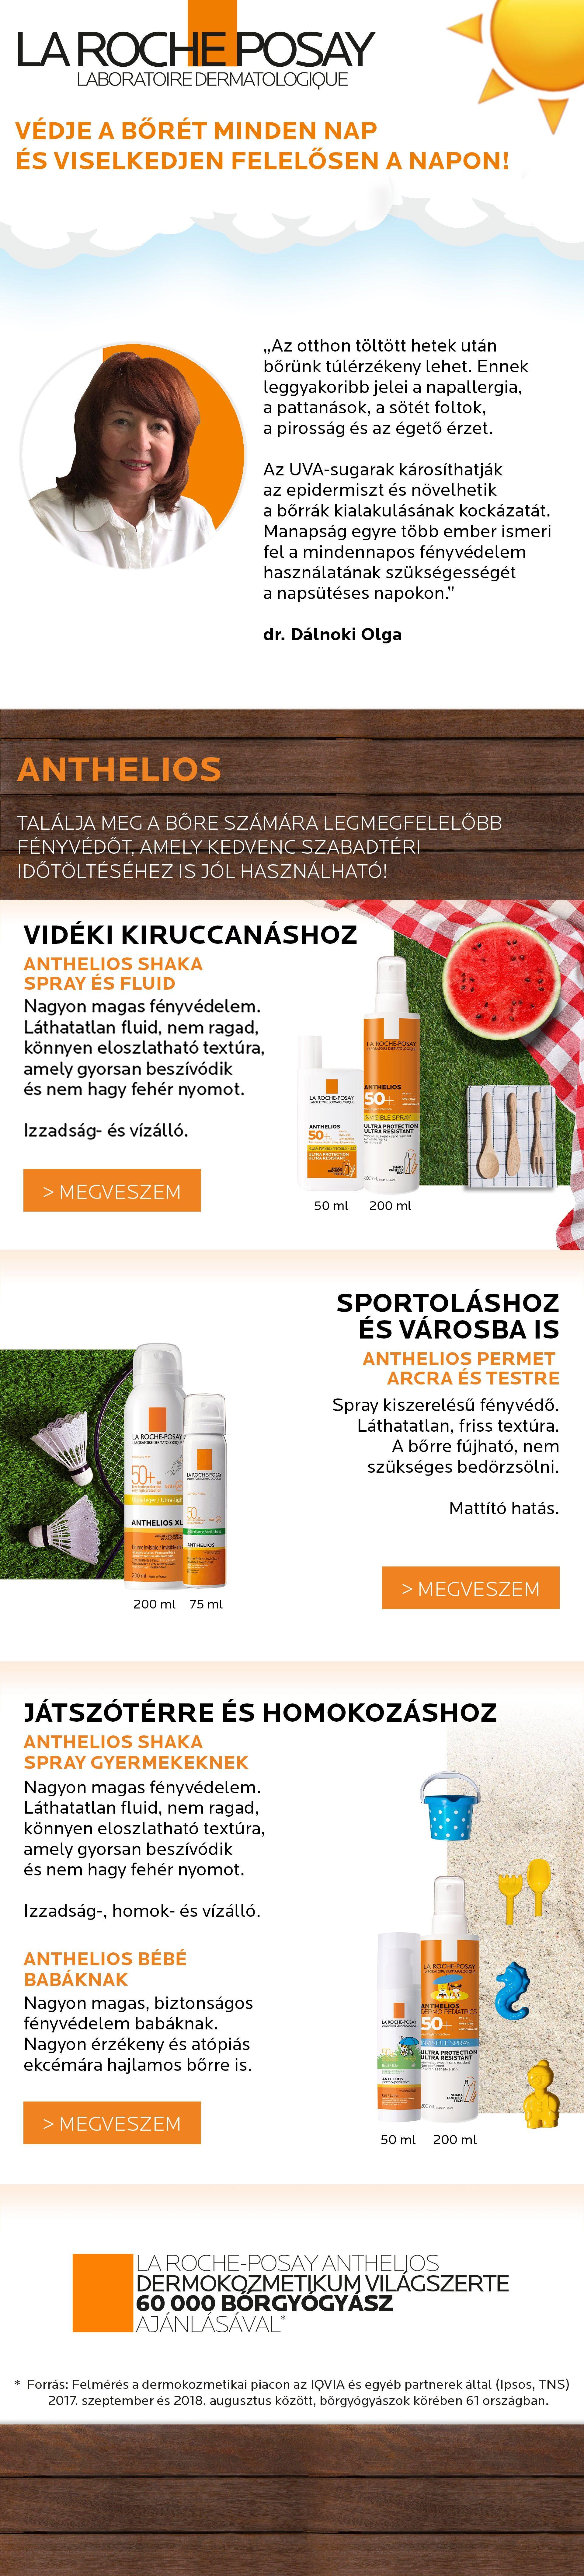 La Roche-Posay Anthelios: Védje a bőrét minden nap és viselkedjen felelősen a napon!